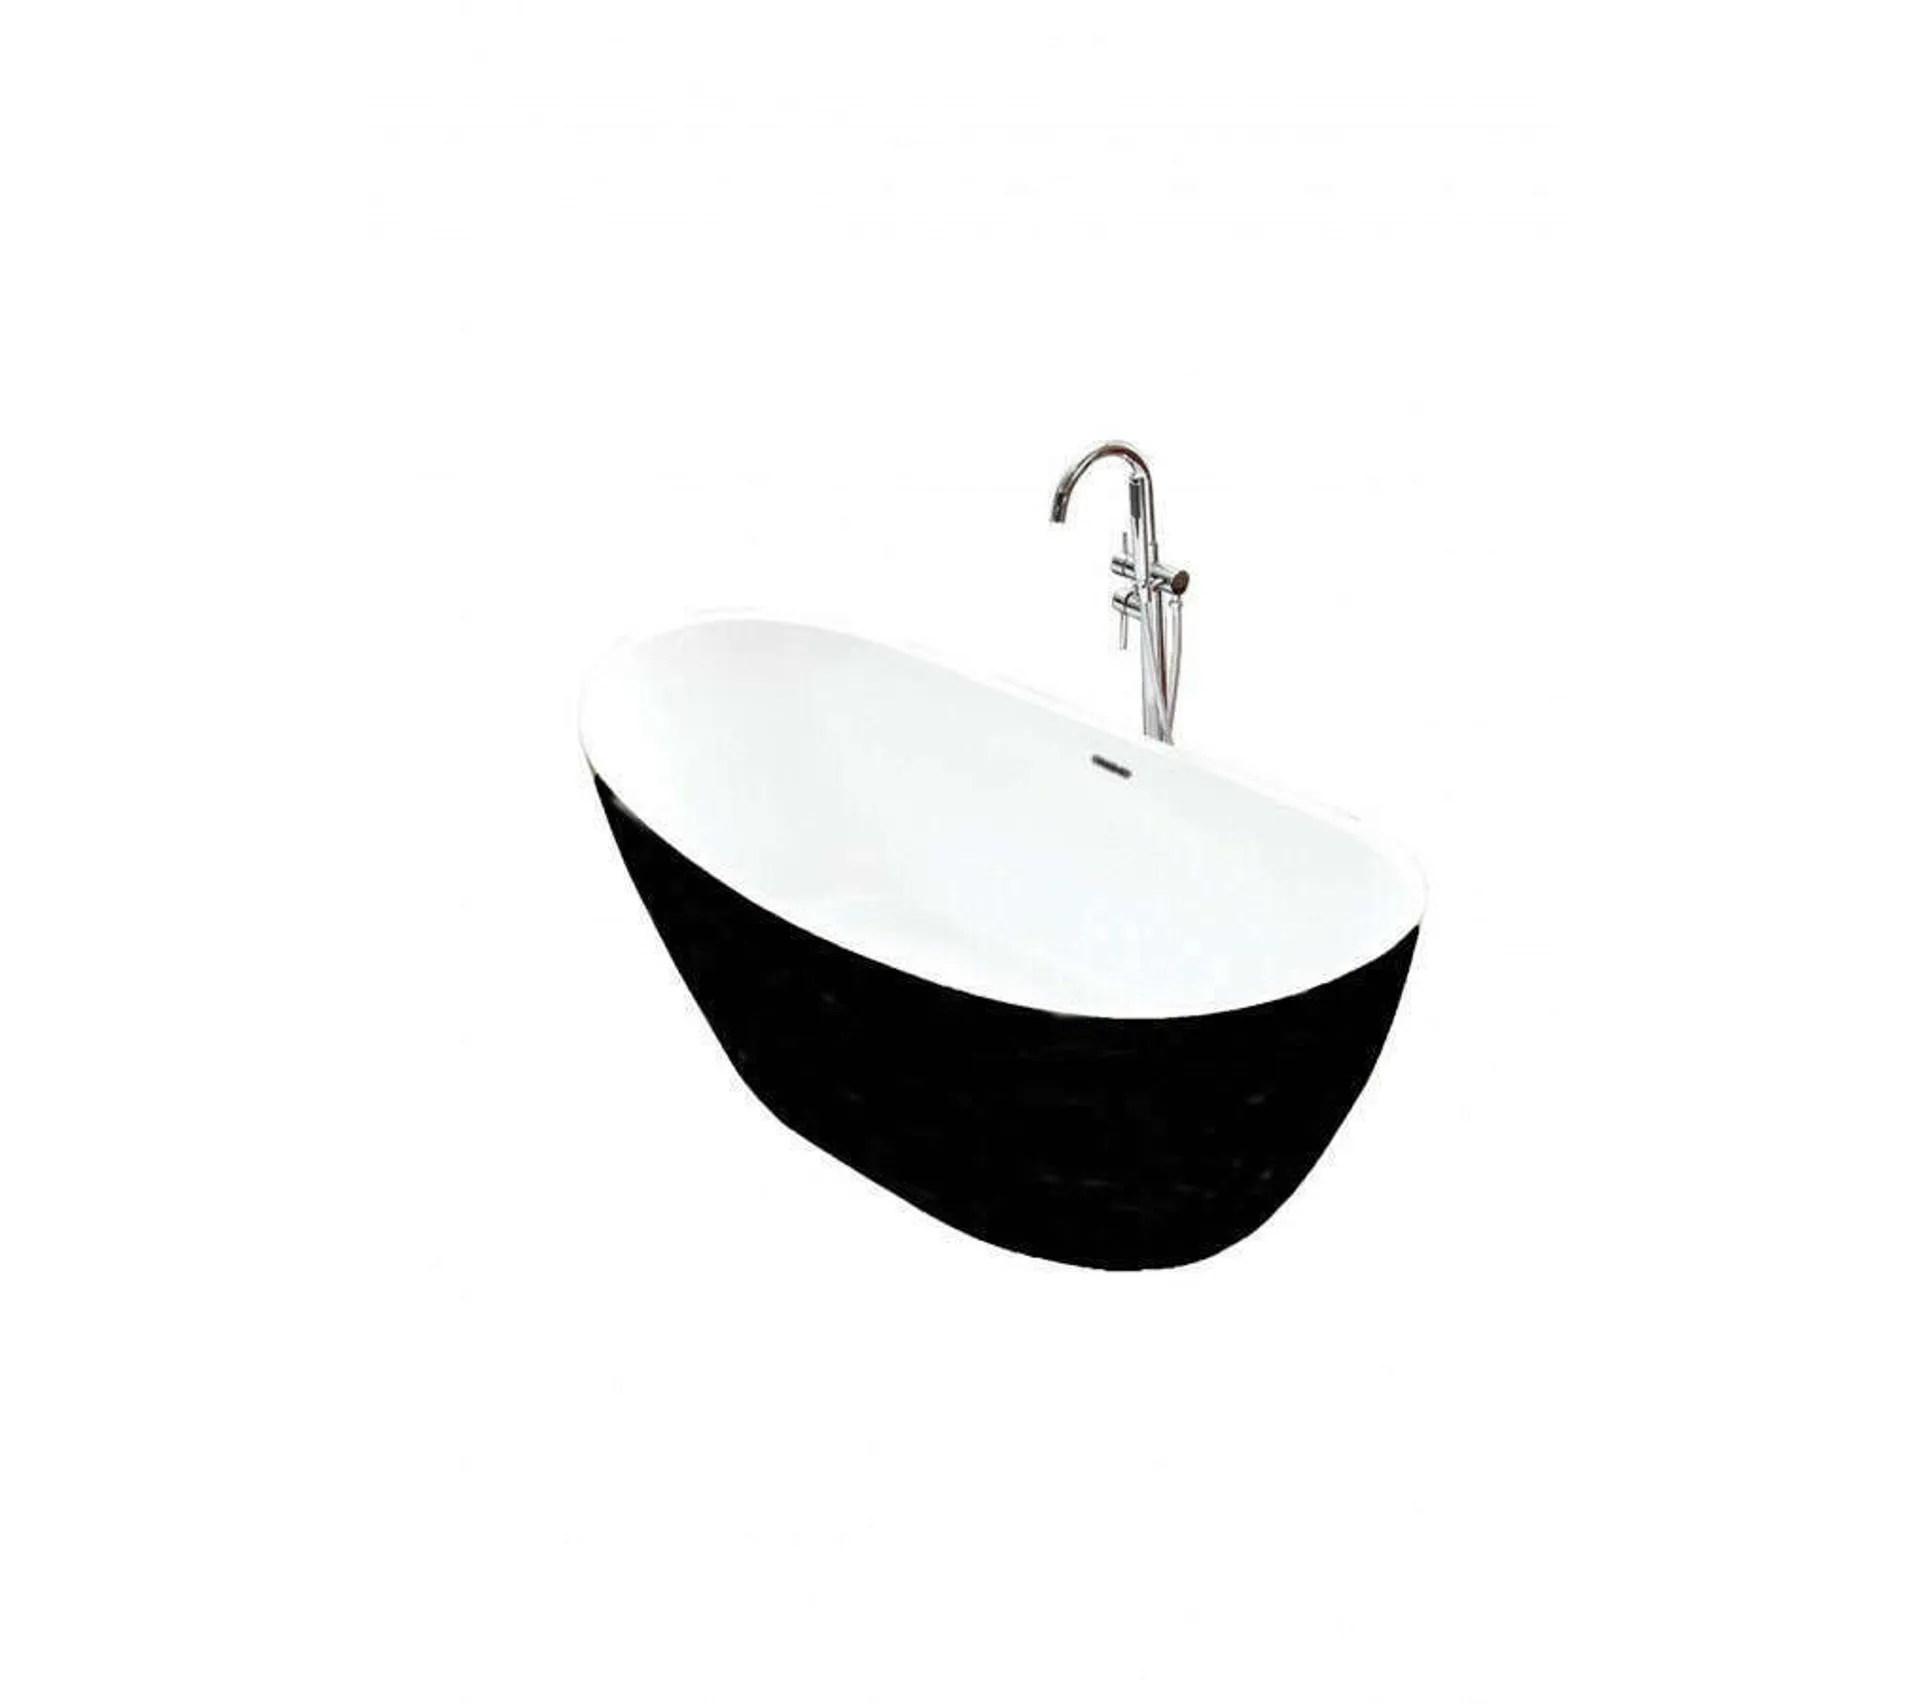 baignoire ilot ovale noir en acrylique 170 cm maya